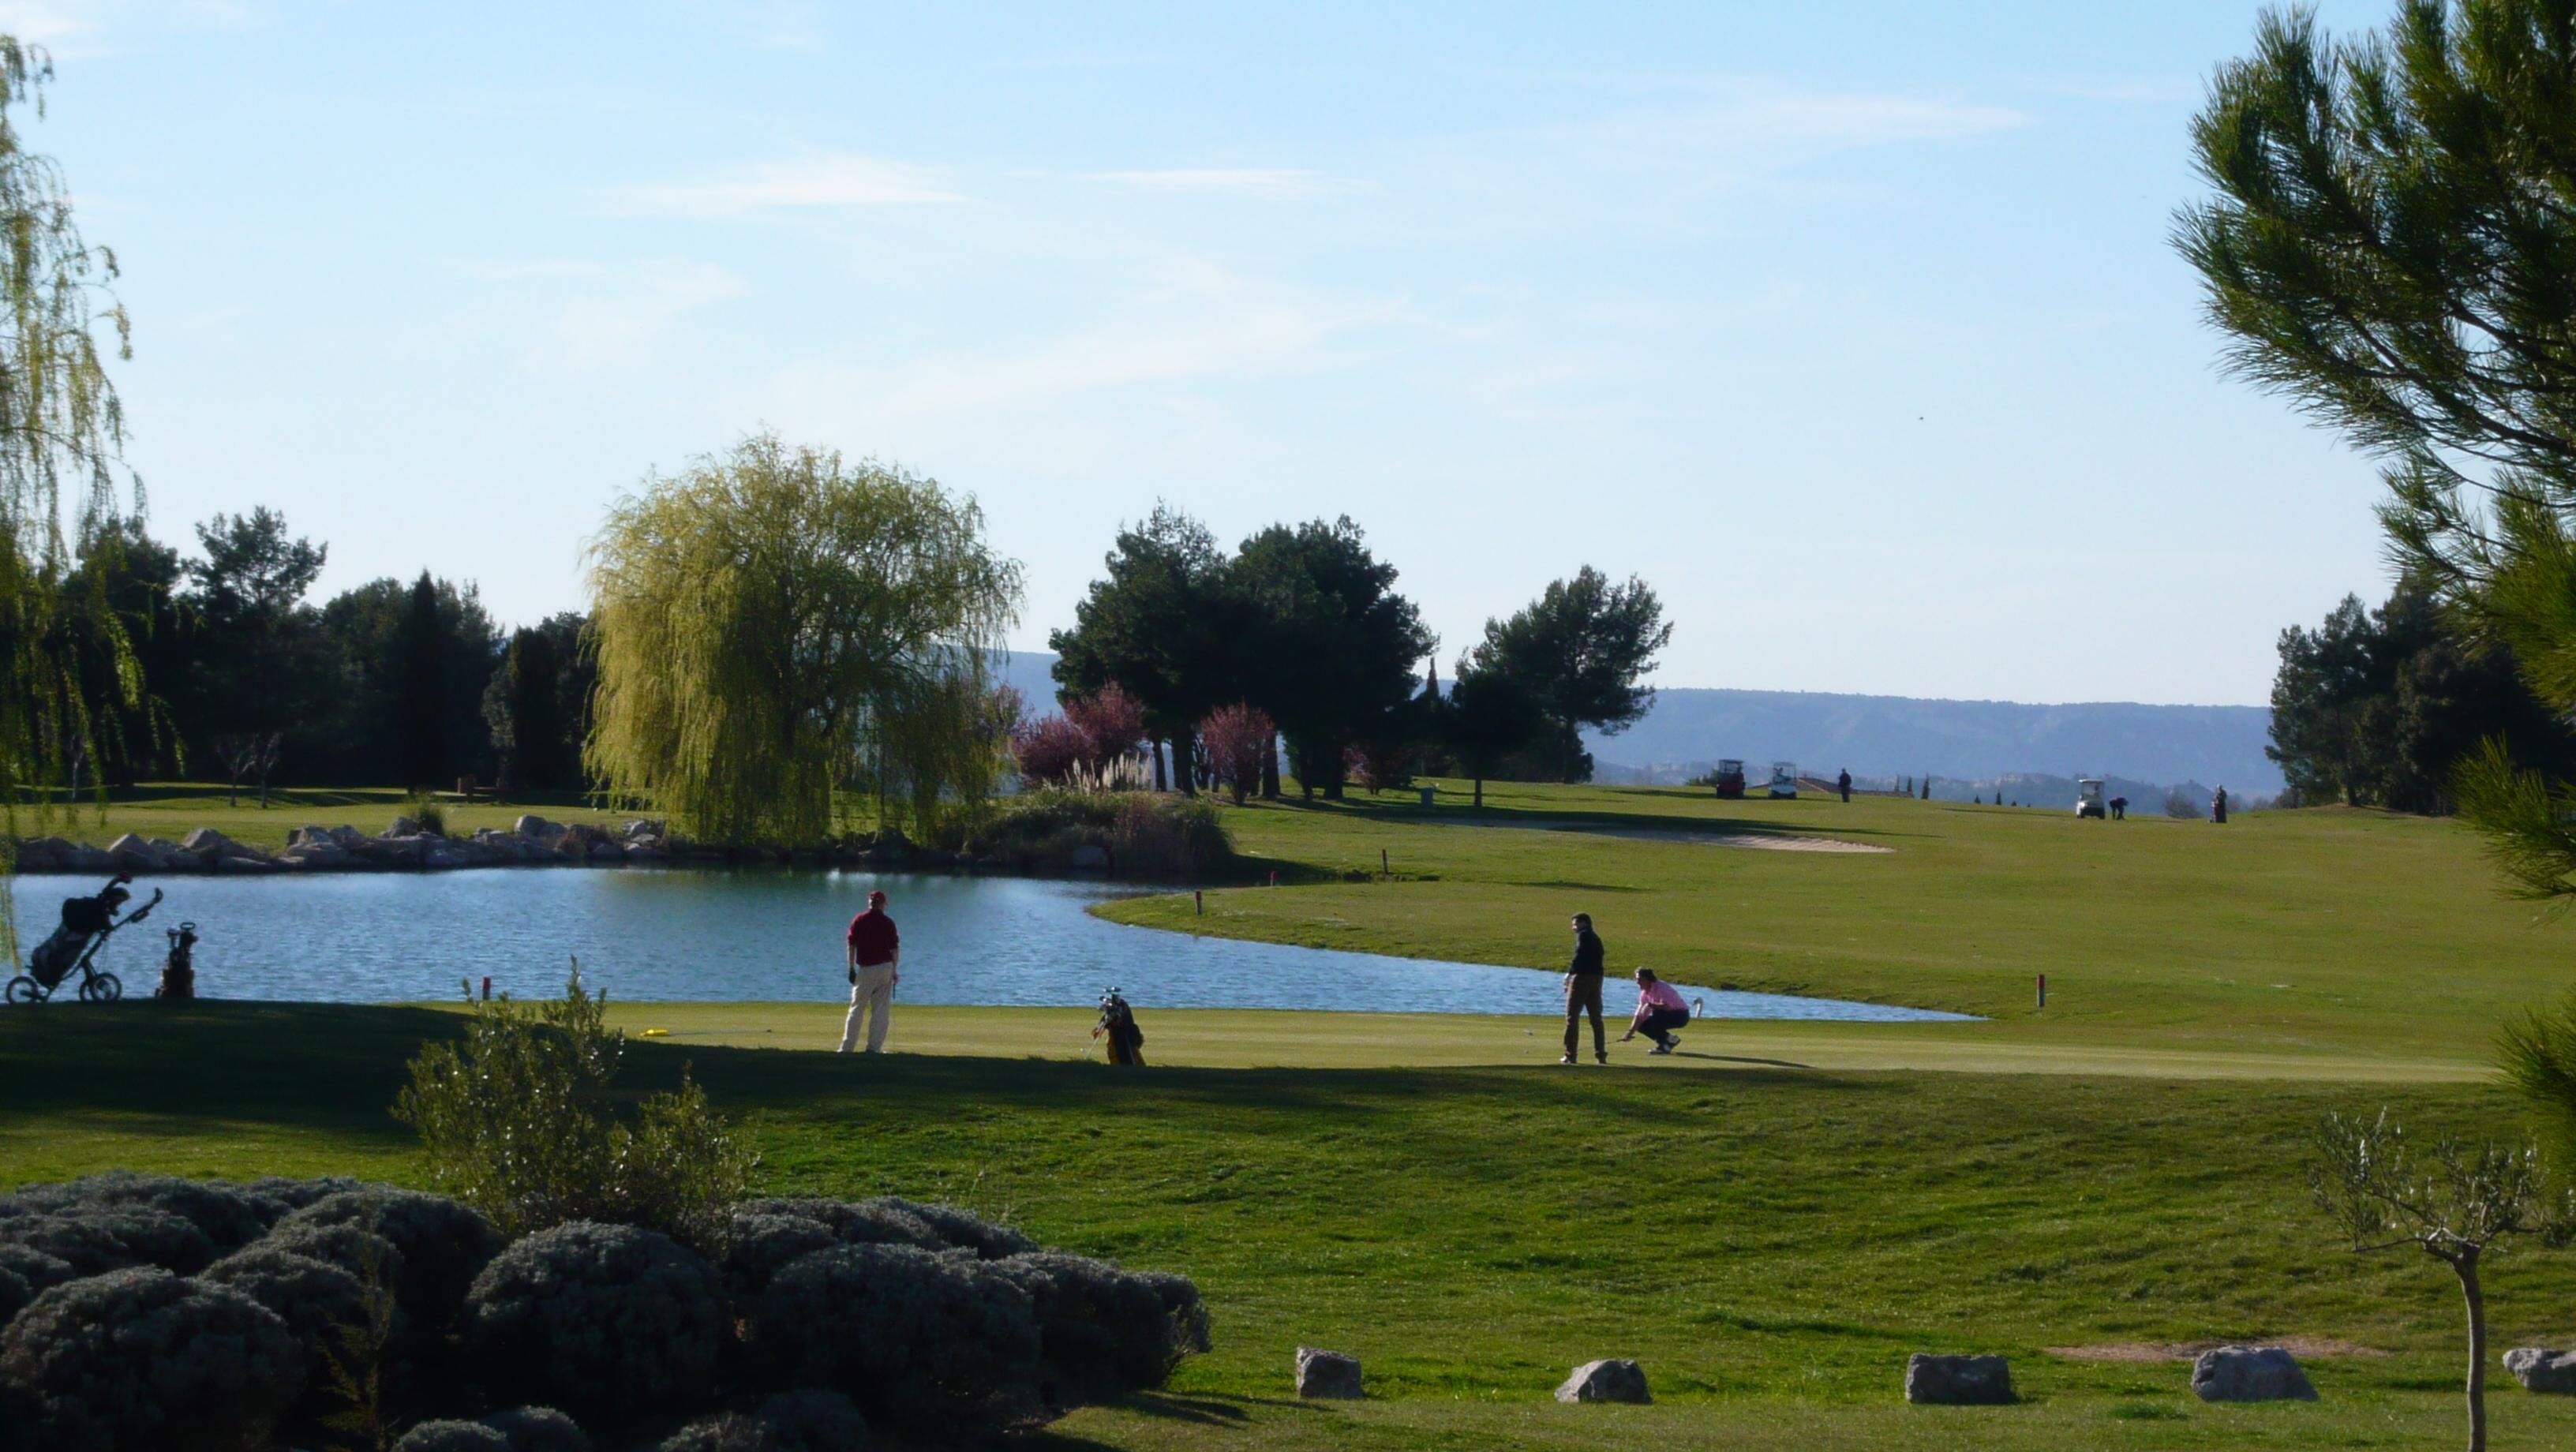 Overview of golf course named Golf de Saumane